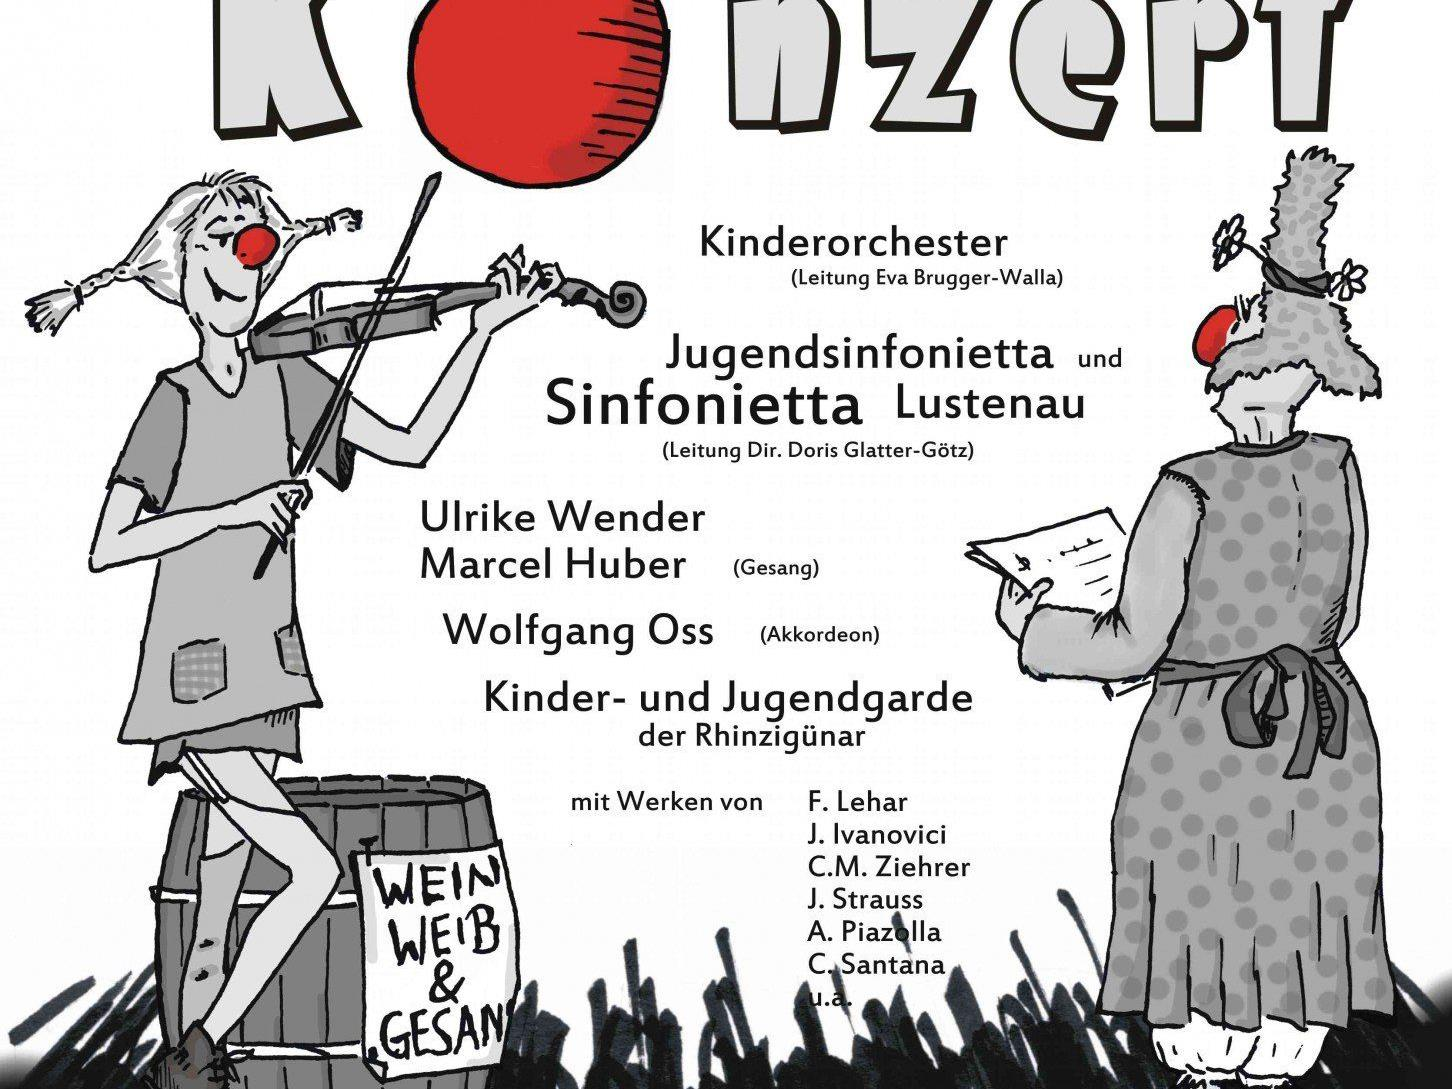 Faschingskonzert der Rheintalischen Musikschule Lustenau